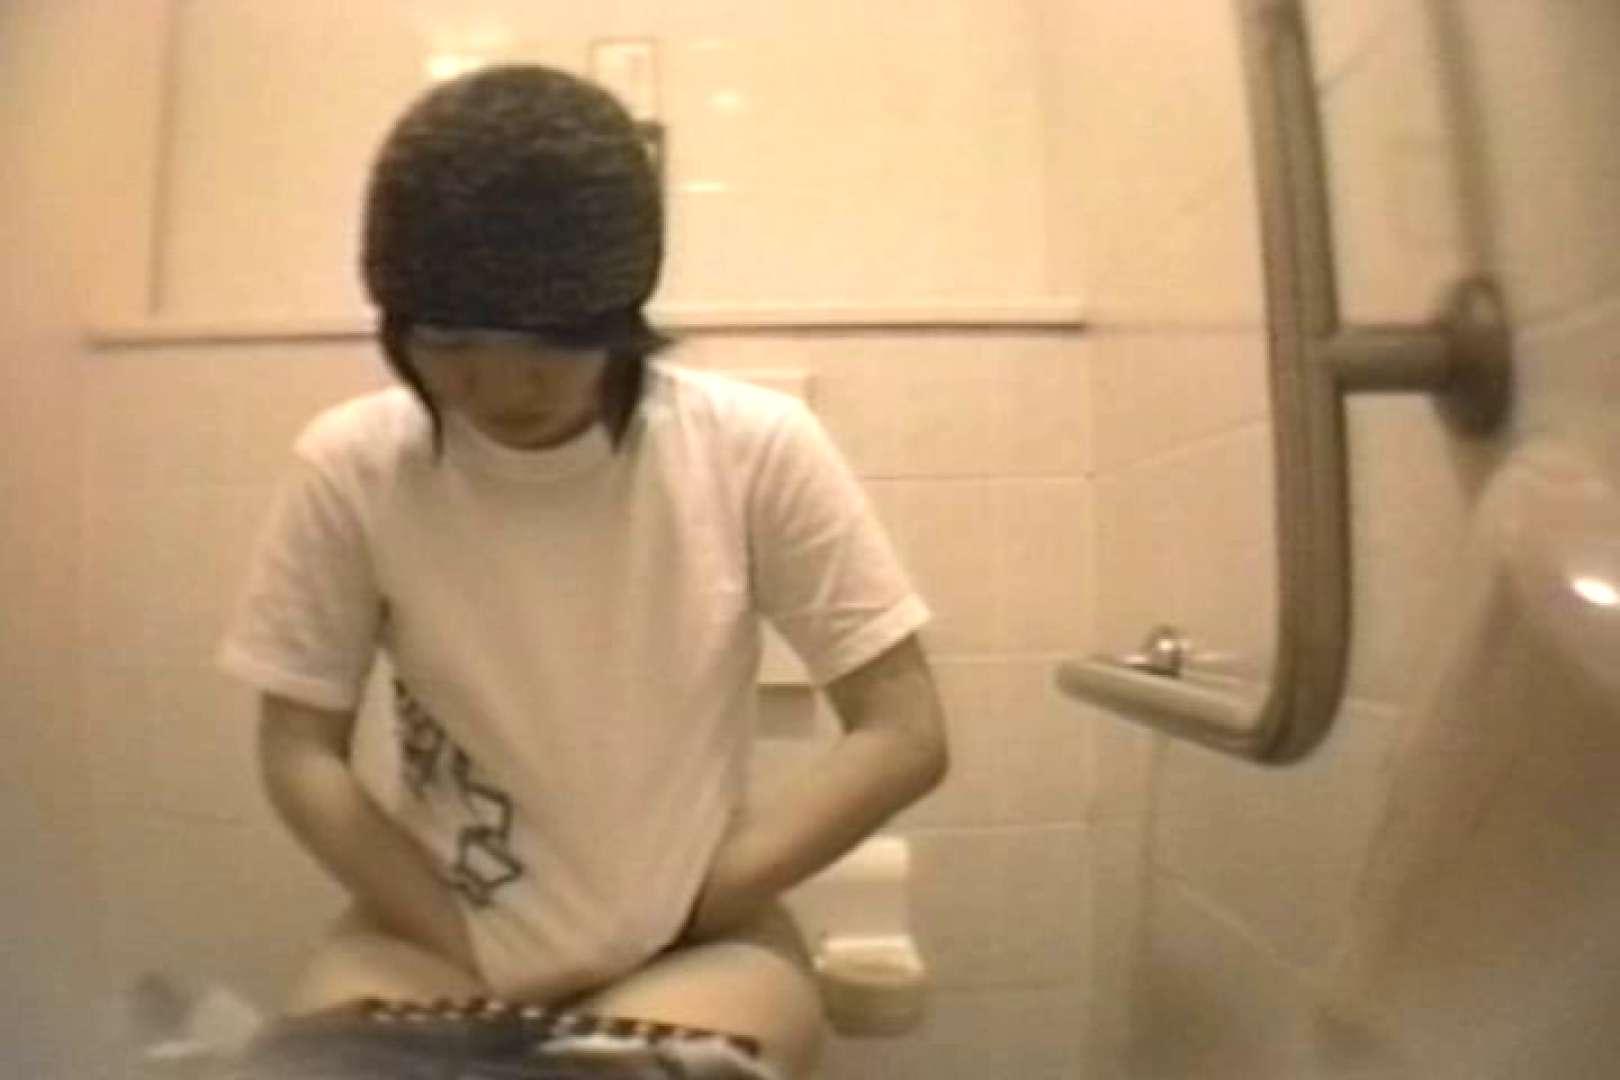 個室狂いのマニア映像Vol.4 エロティックなOL 盗撮画像 61画像 8